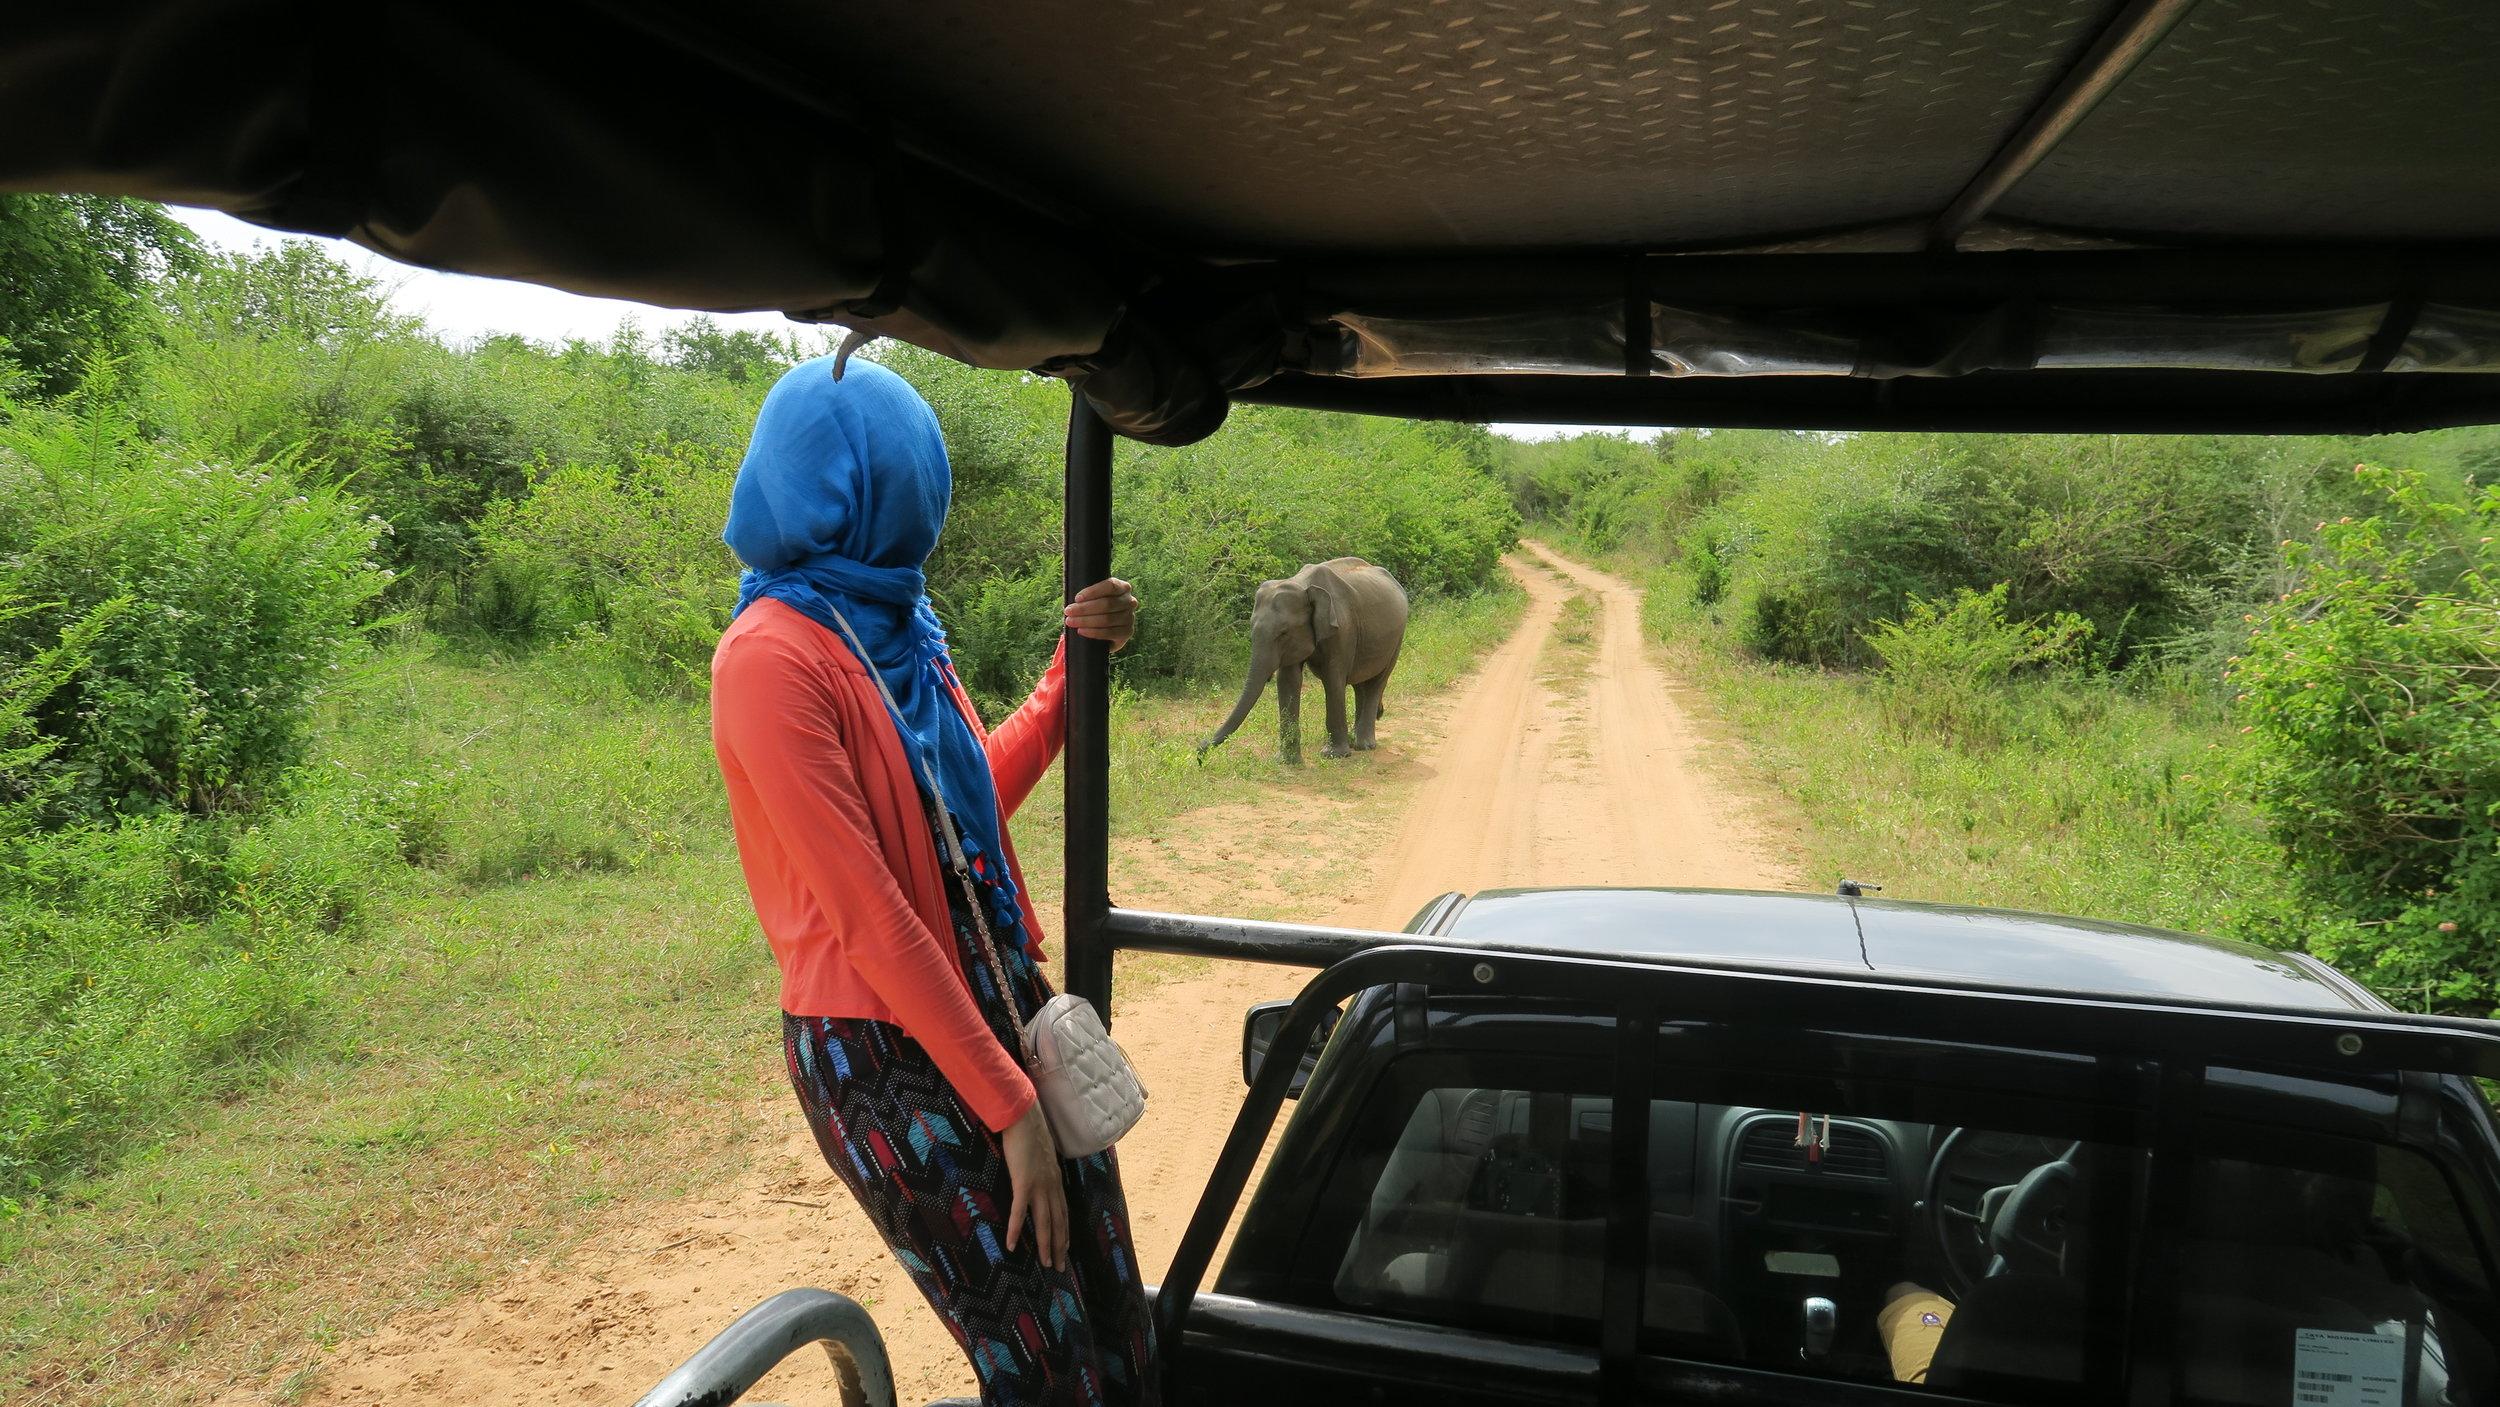 Photo from Unawatuna to Ude Wale National Park - Sri Lanka